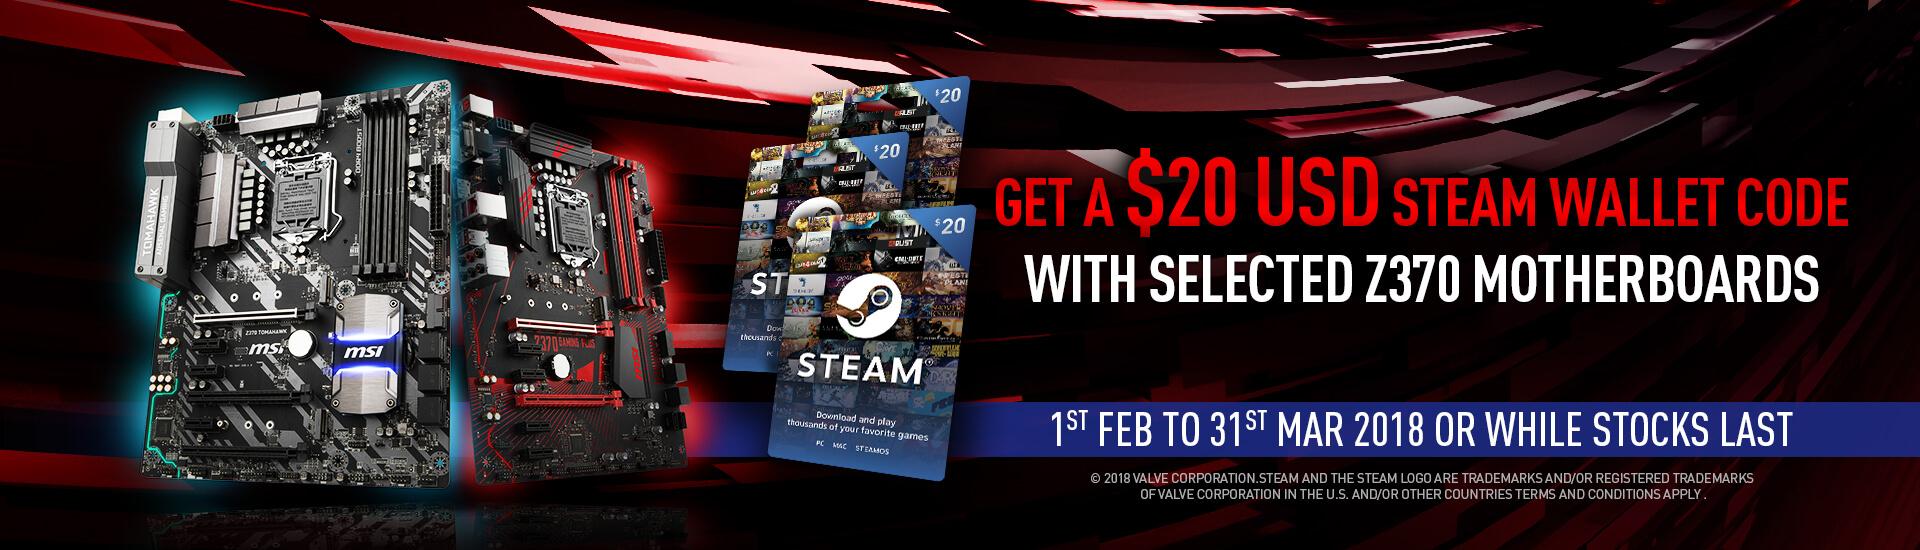 Steam Wallet 20 Update Daftar Harga Terbaru Indonesia 12k Get Usd Code